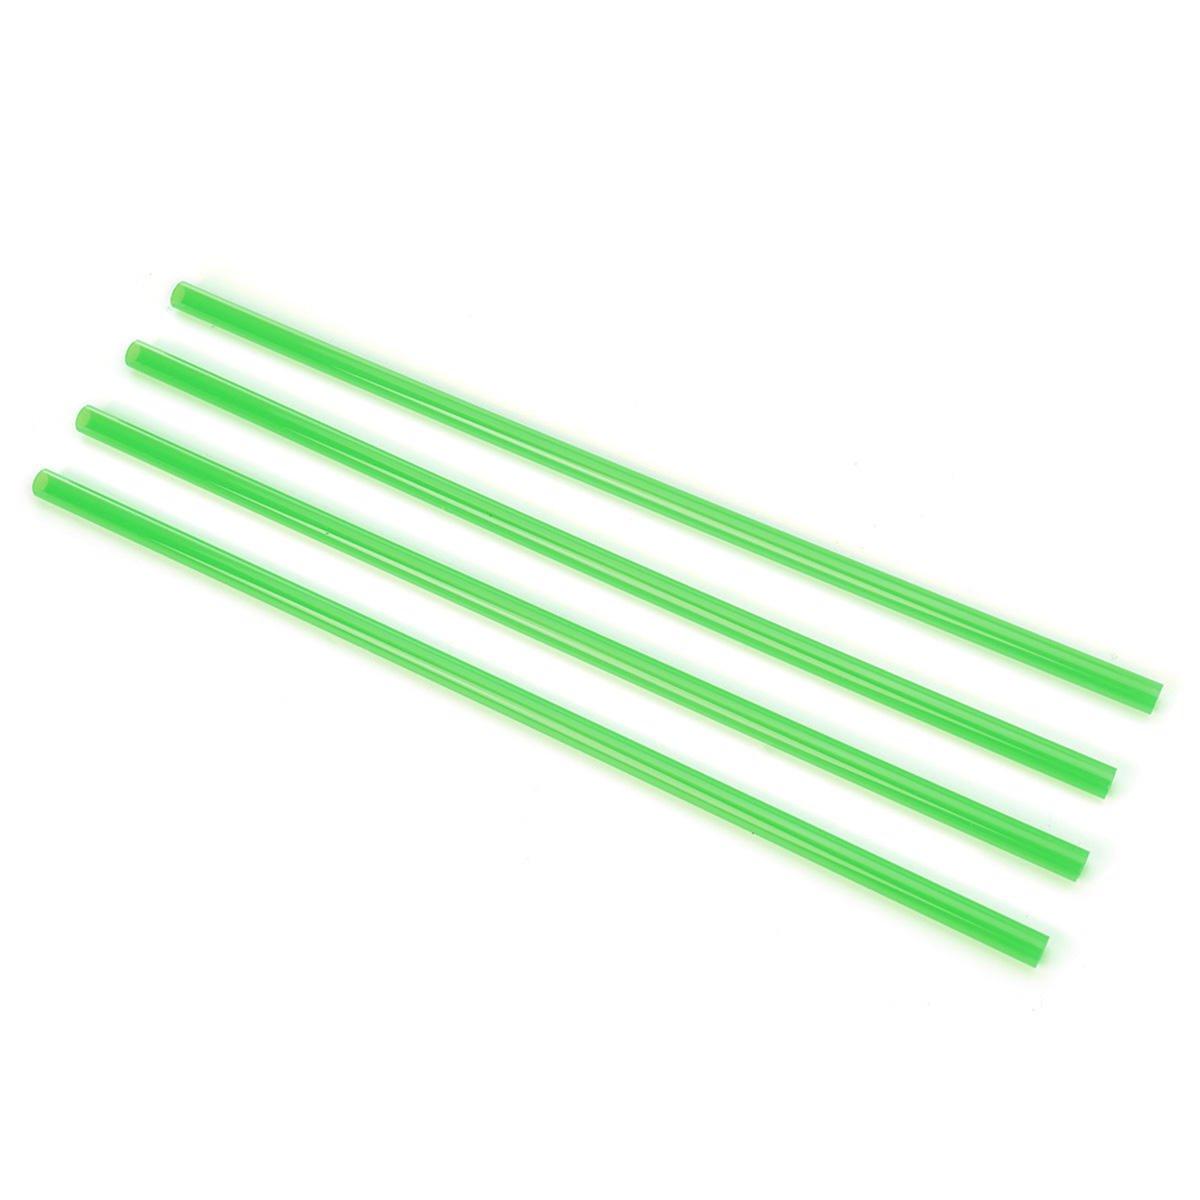 SGerste 4pcs Vert 500mm PETG Tube Rigide Tubes 10/14mm cintrer Tuyau de Refroidissement à Eau